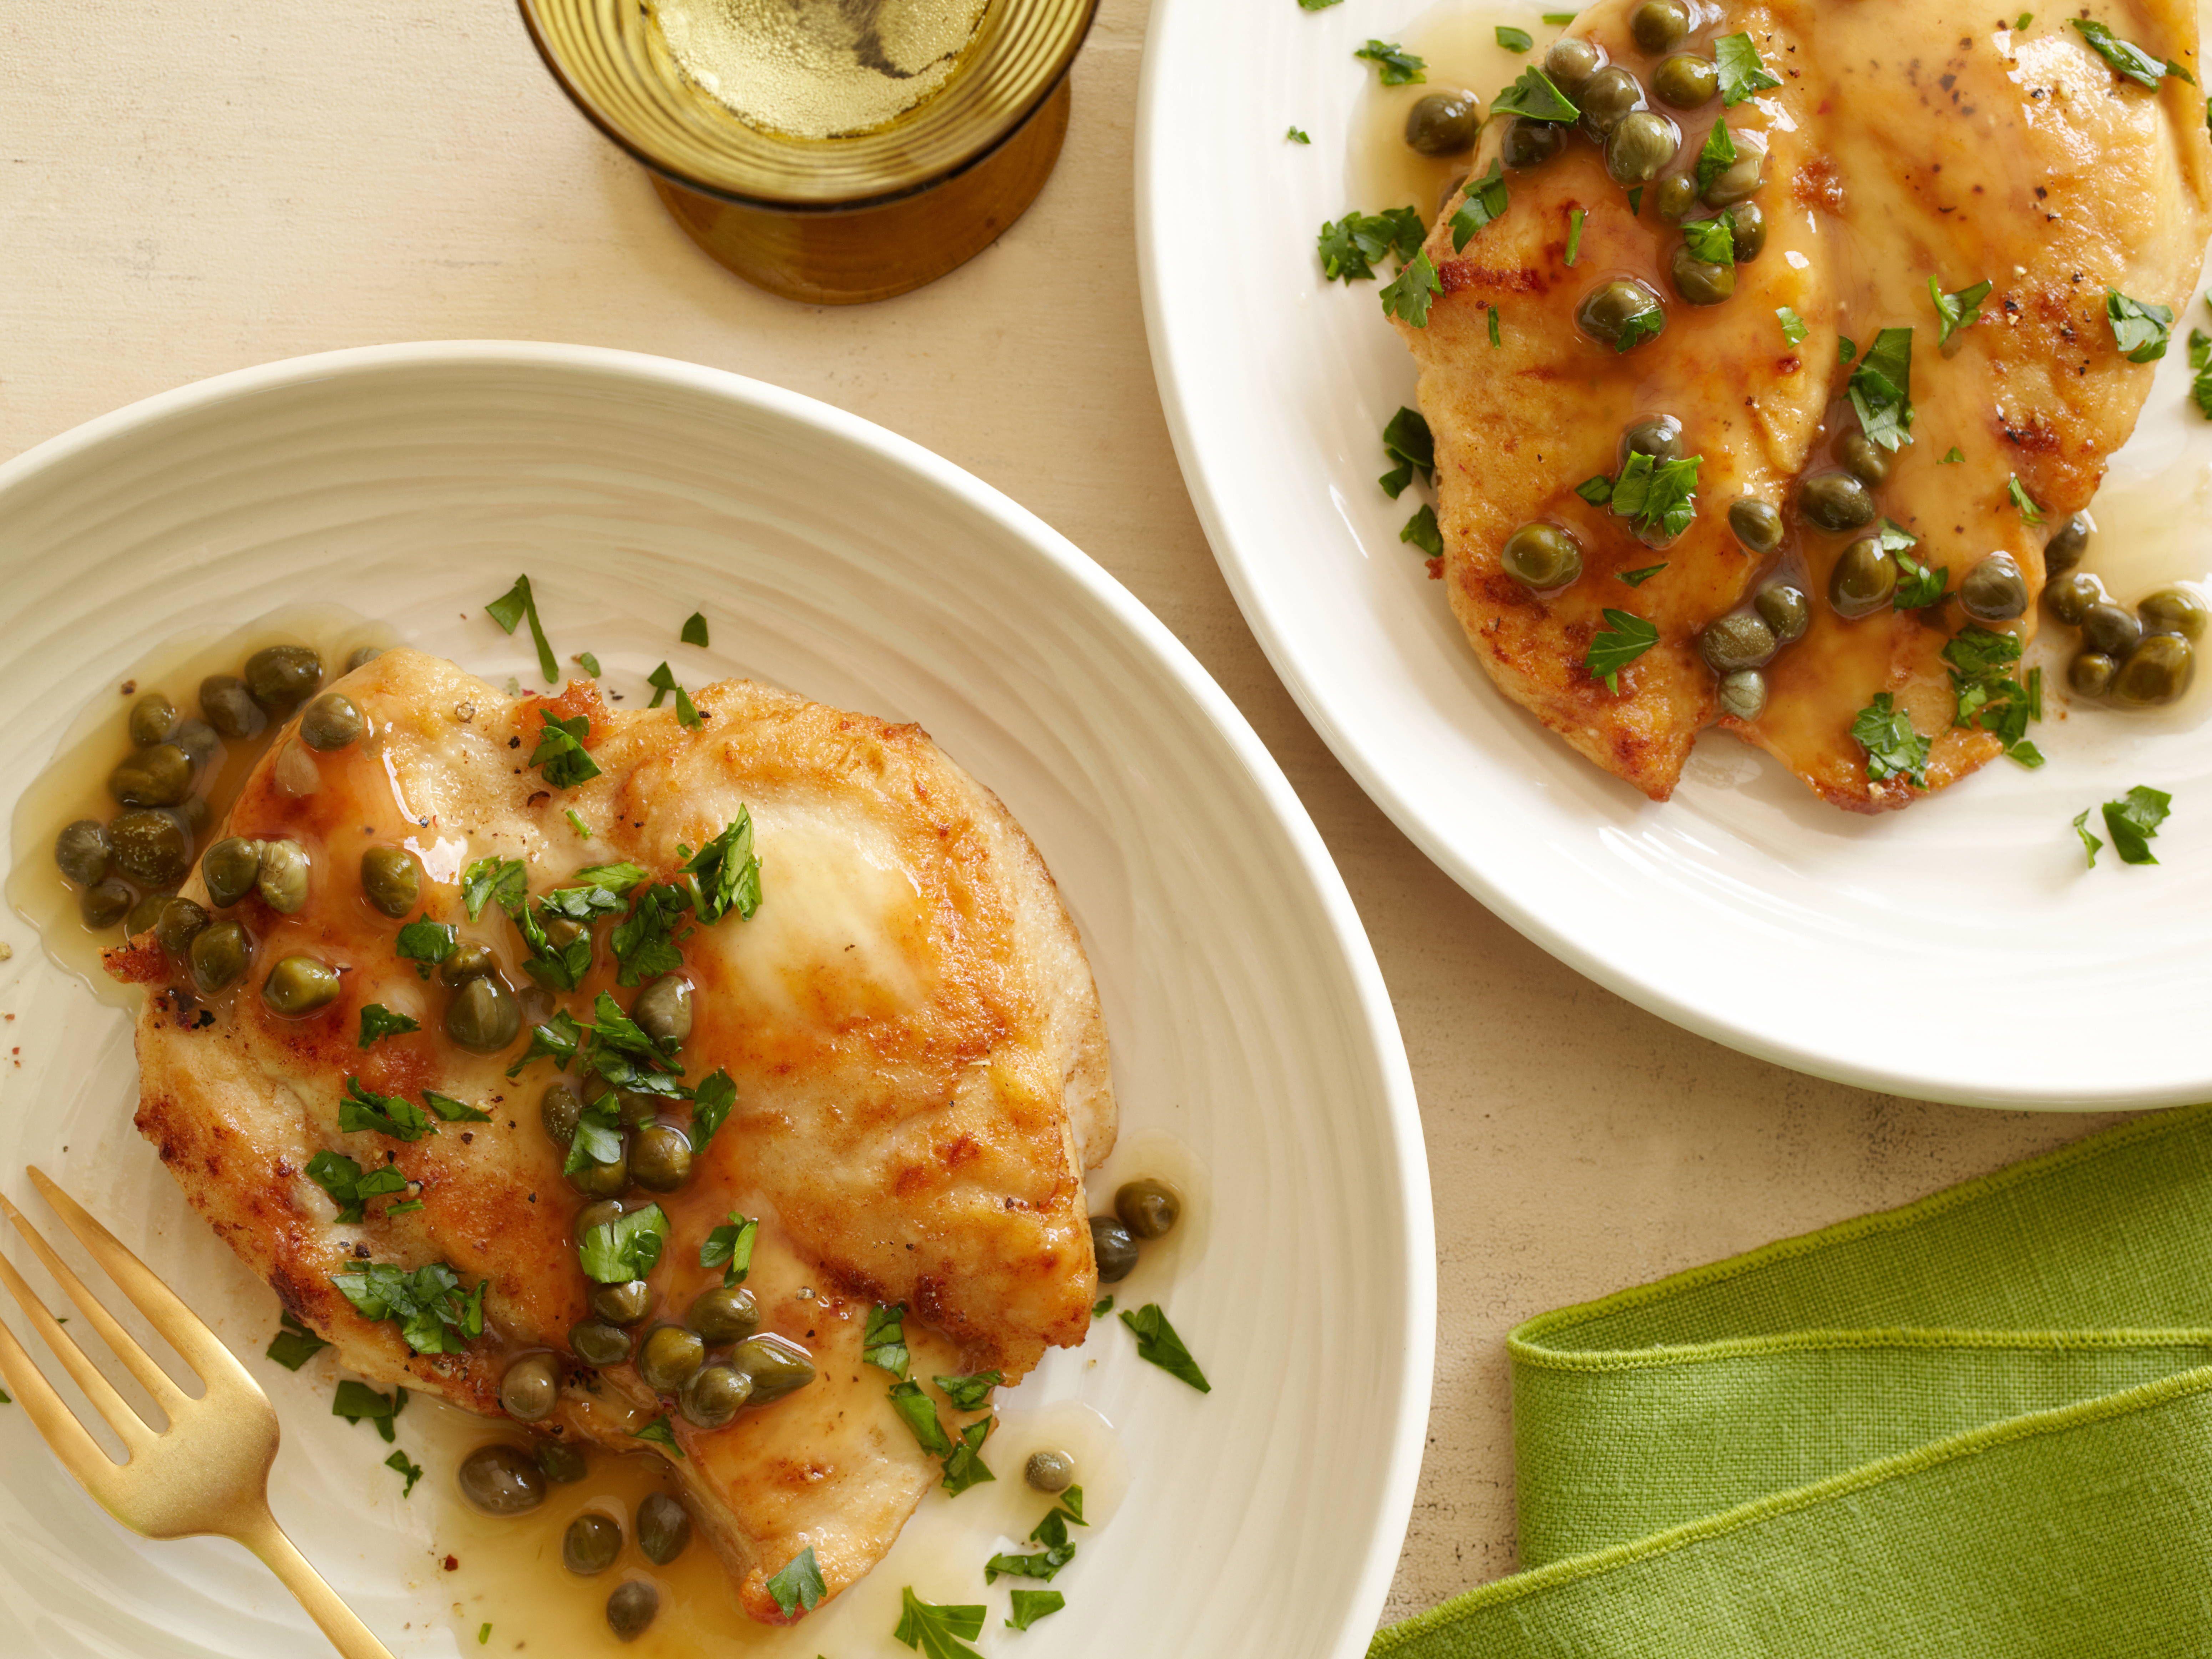 Chicken piccata recipe chicken piccata giada de laurentiis and chicken piccata recipe chicken piccata giada de laurentiis and recipes forumfinder Images